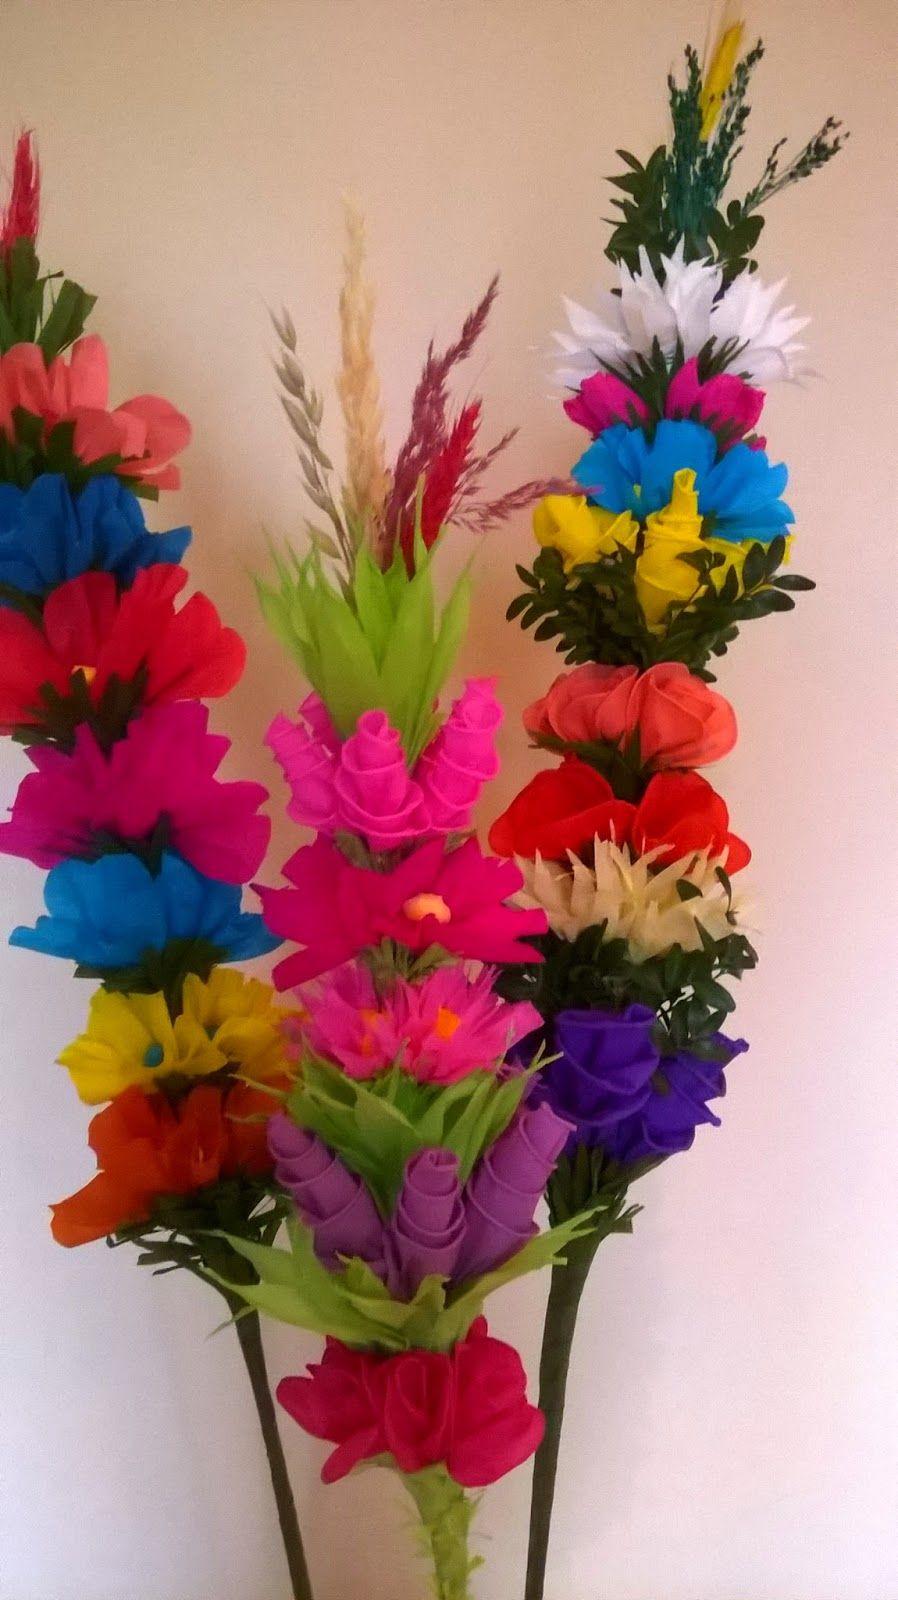 Palmy Wielkanocne Pomysly Wykonania Paper Flowers Crafts Diy And Crafts